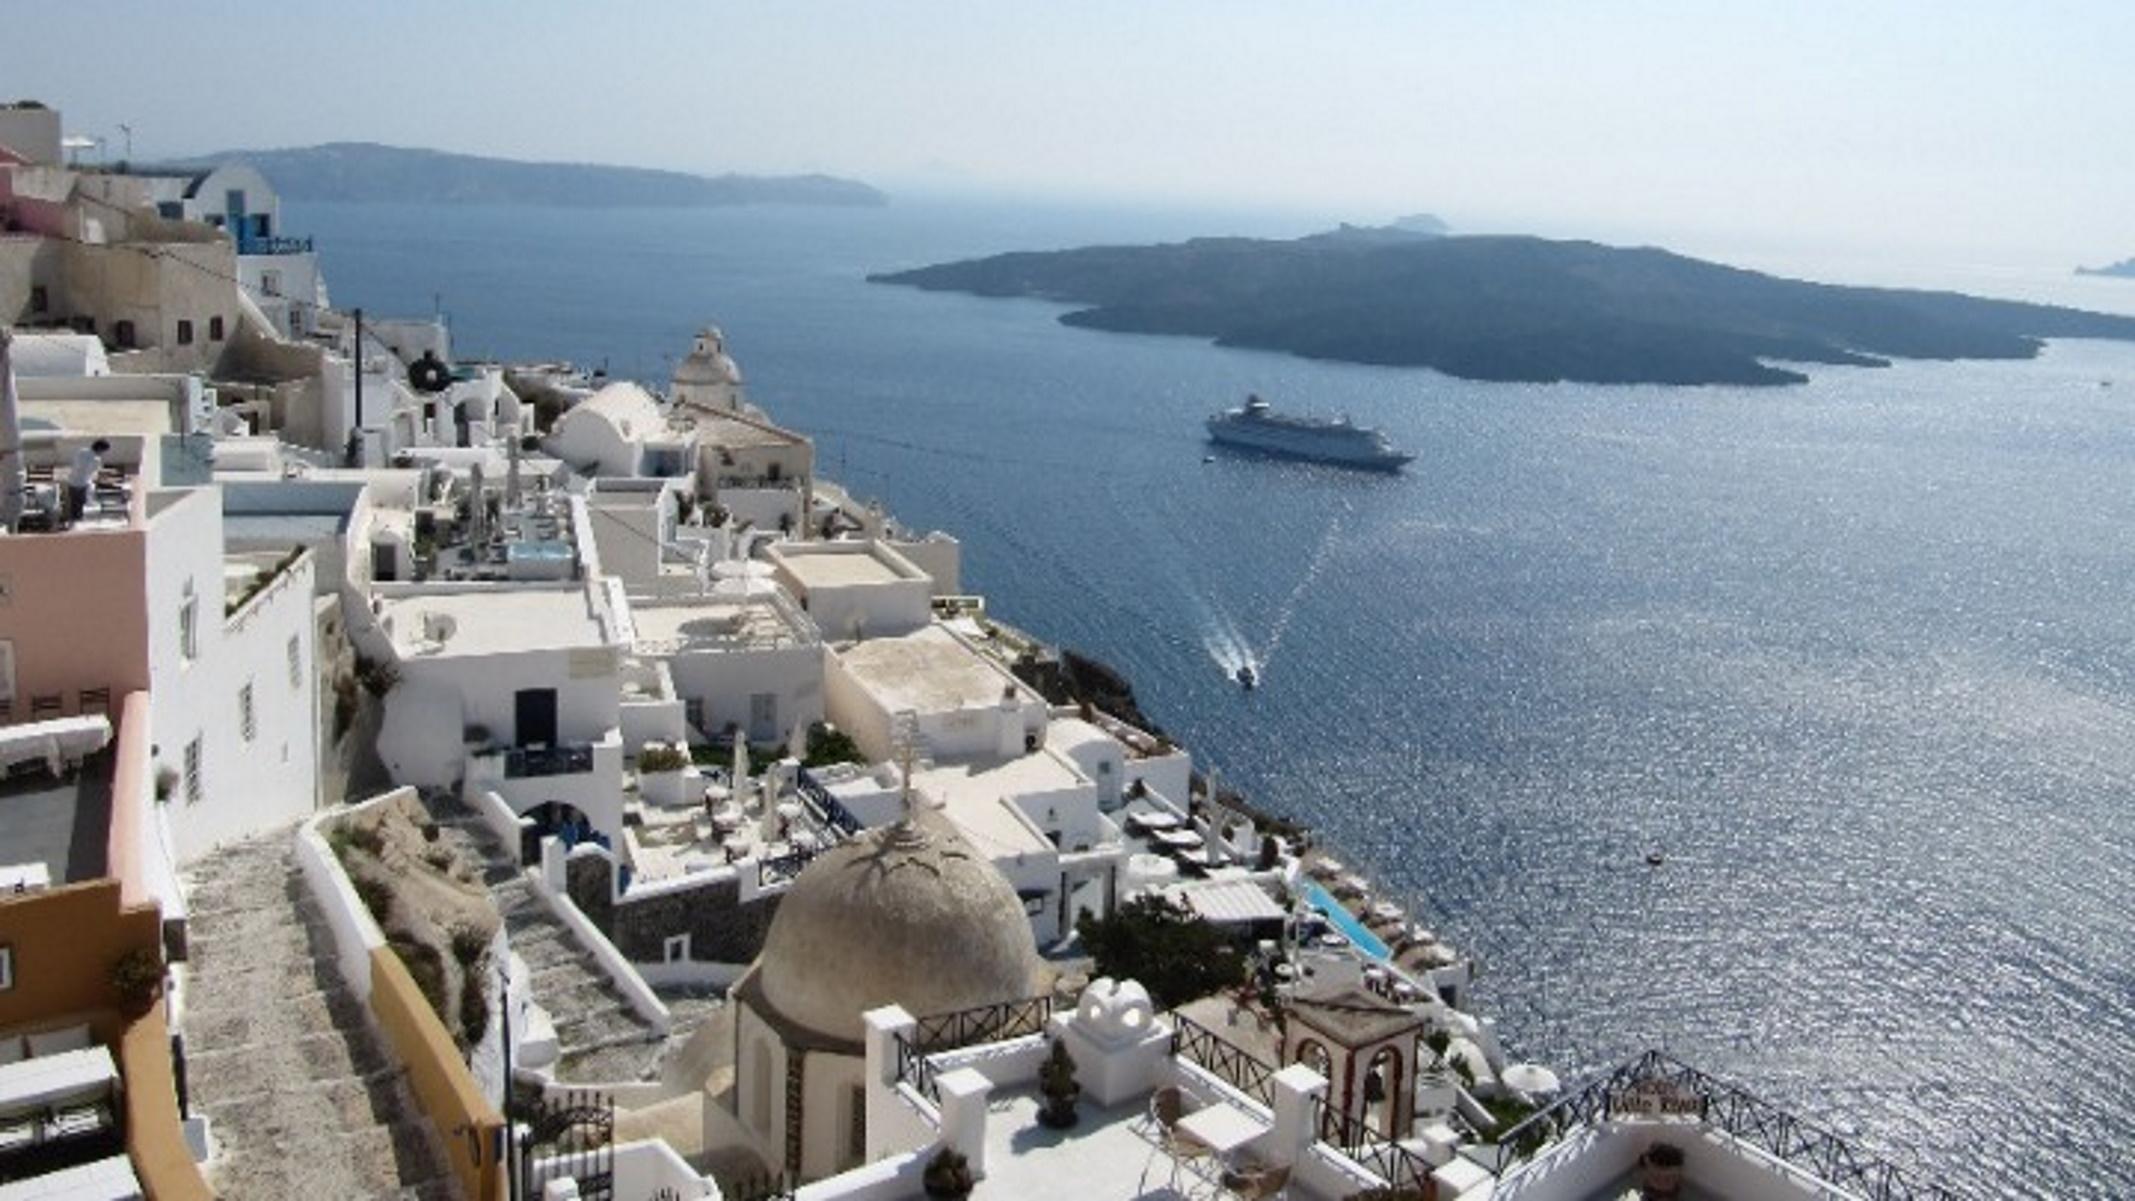 Ο κορονοϊος «απειλεί» και πάλι τις καλοκαιρινές διακοπές των Βρετανών – Πώς επηρεάζεται η Ελλάδα